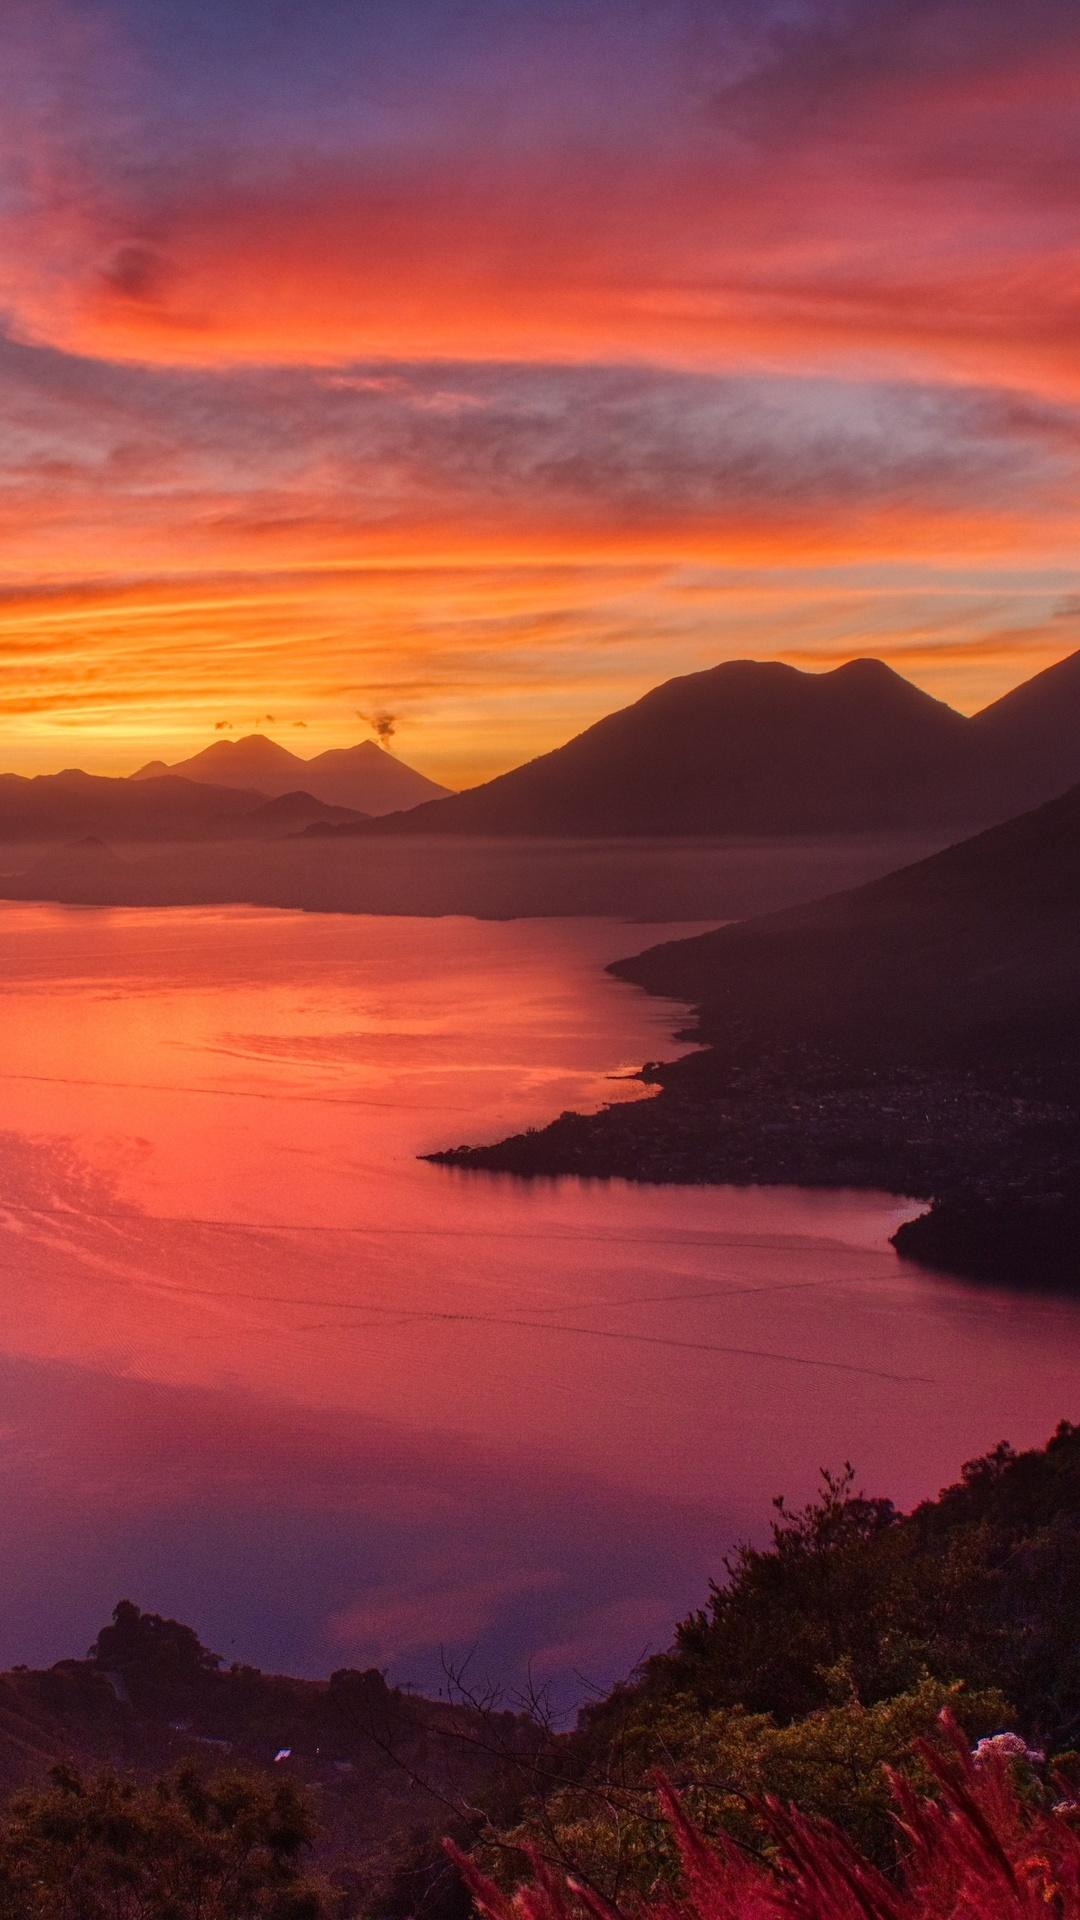 sunrise-morning-landscape-5k-rd.jpg